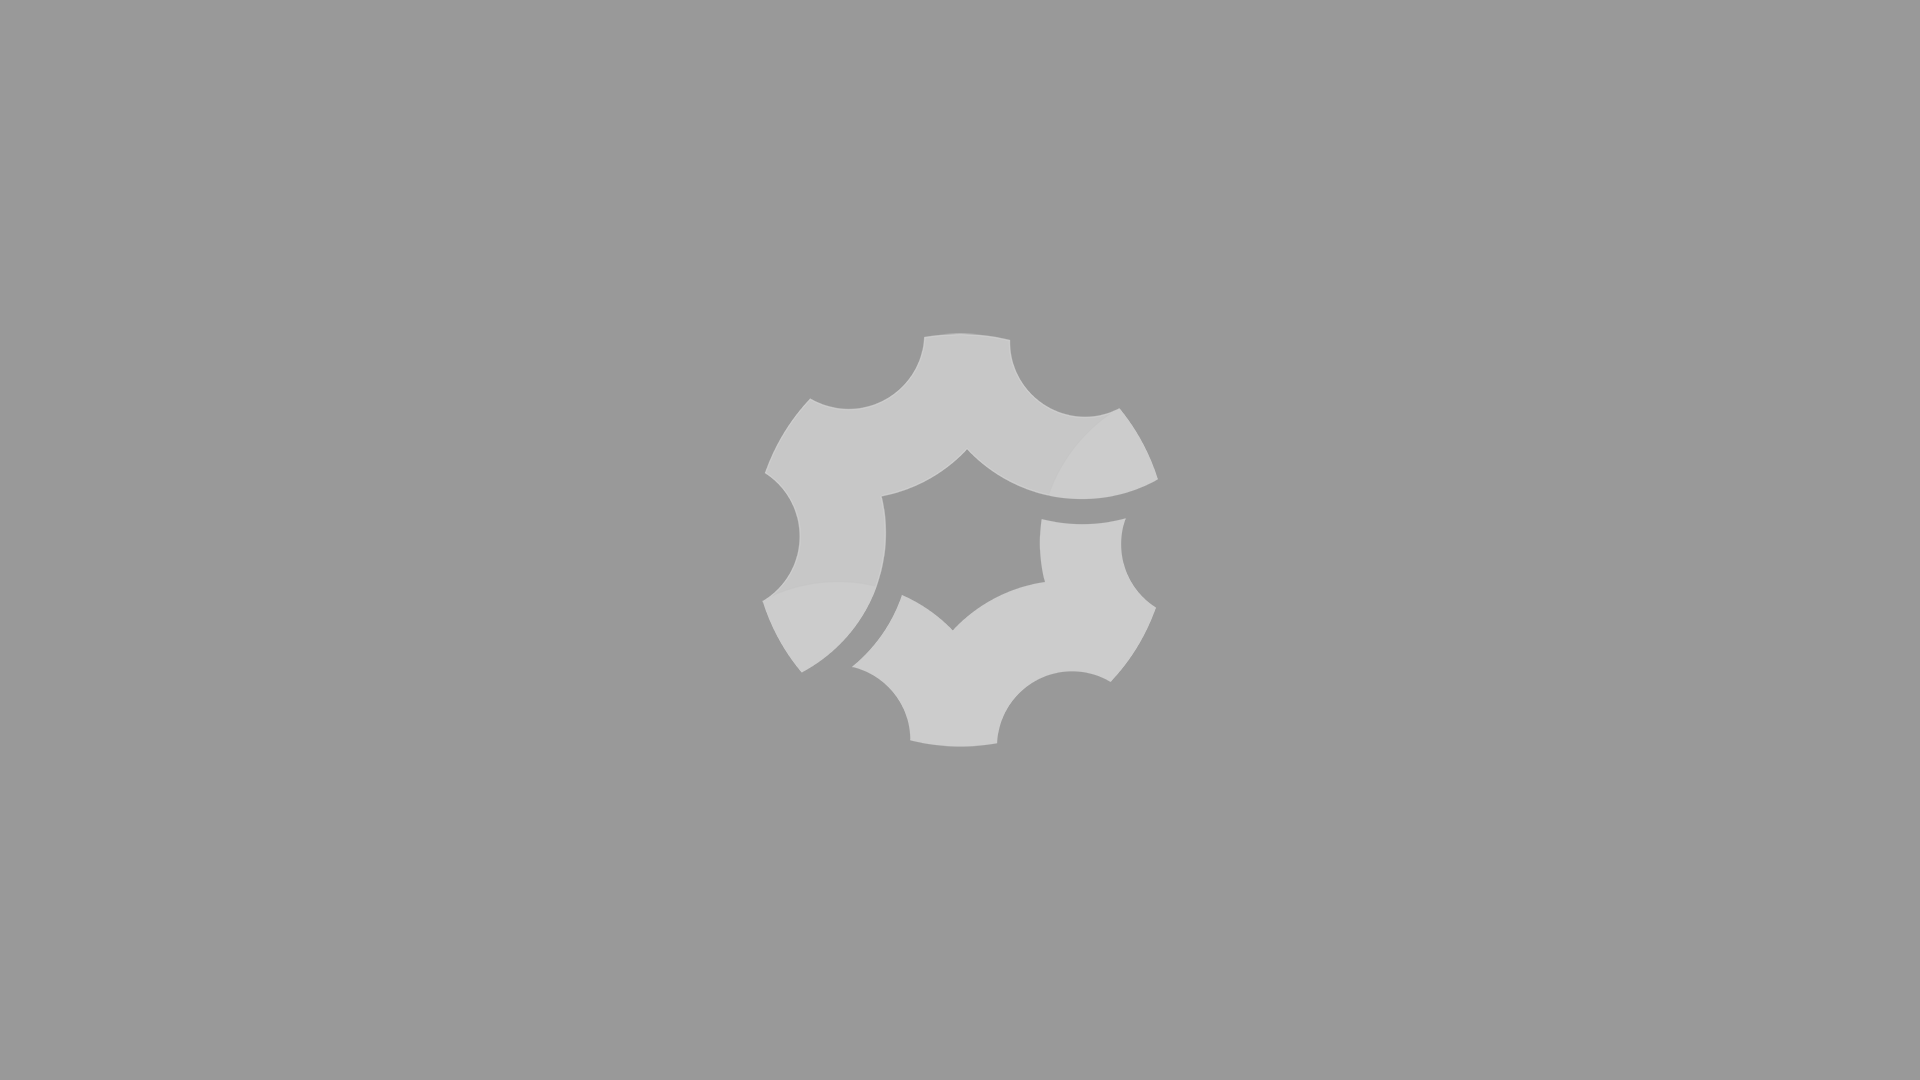 WTCR_2020_Audi RS3 LMS